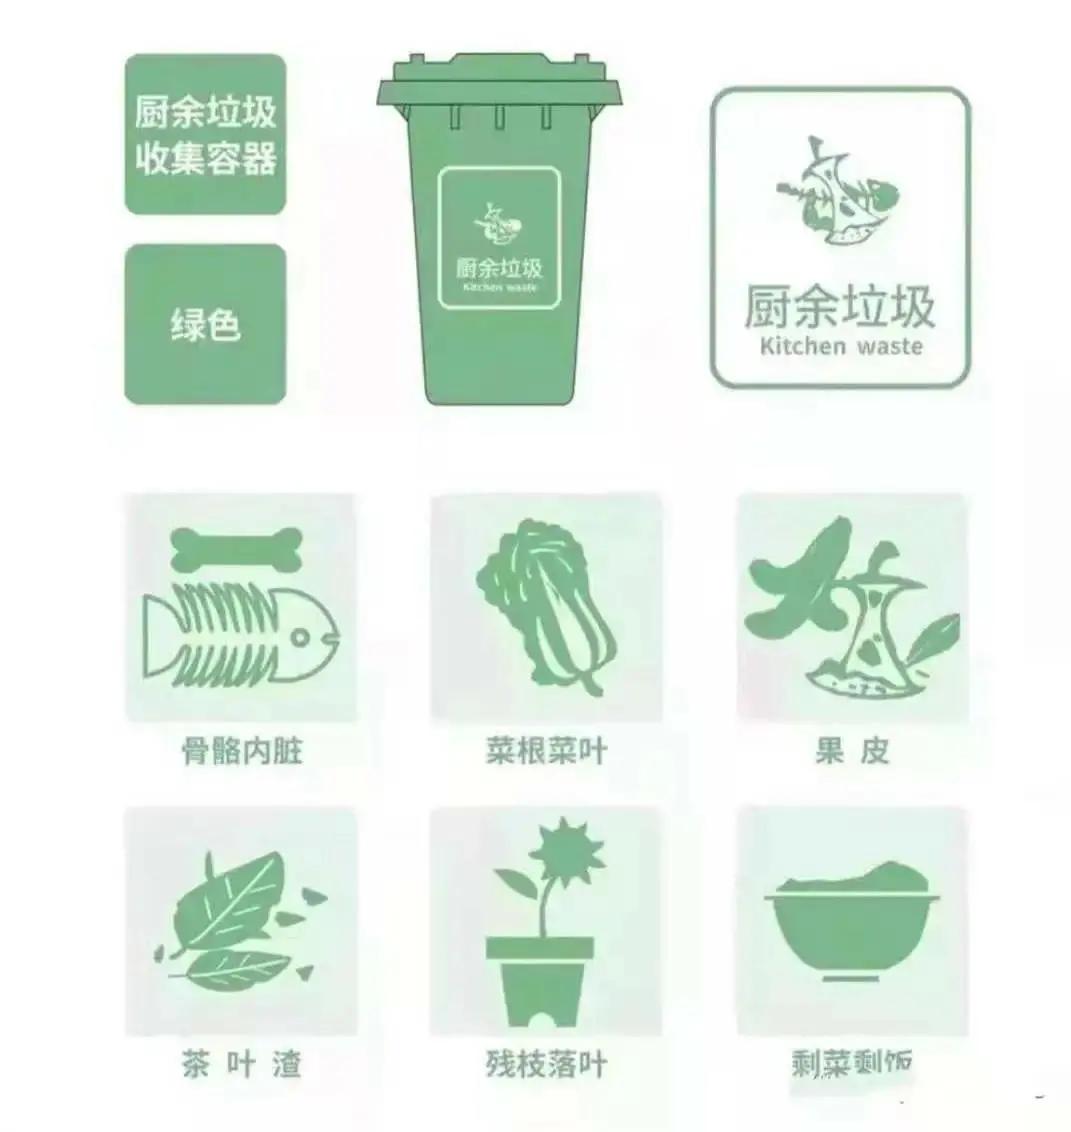 垃圾分类垃圾桶(垃圾分类调查问卷)插图2